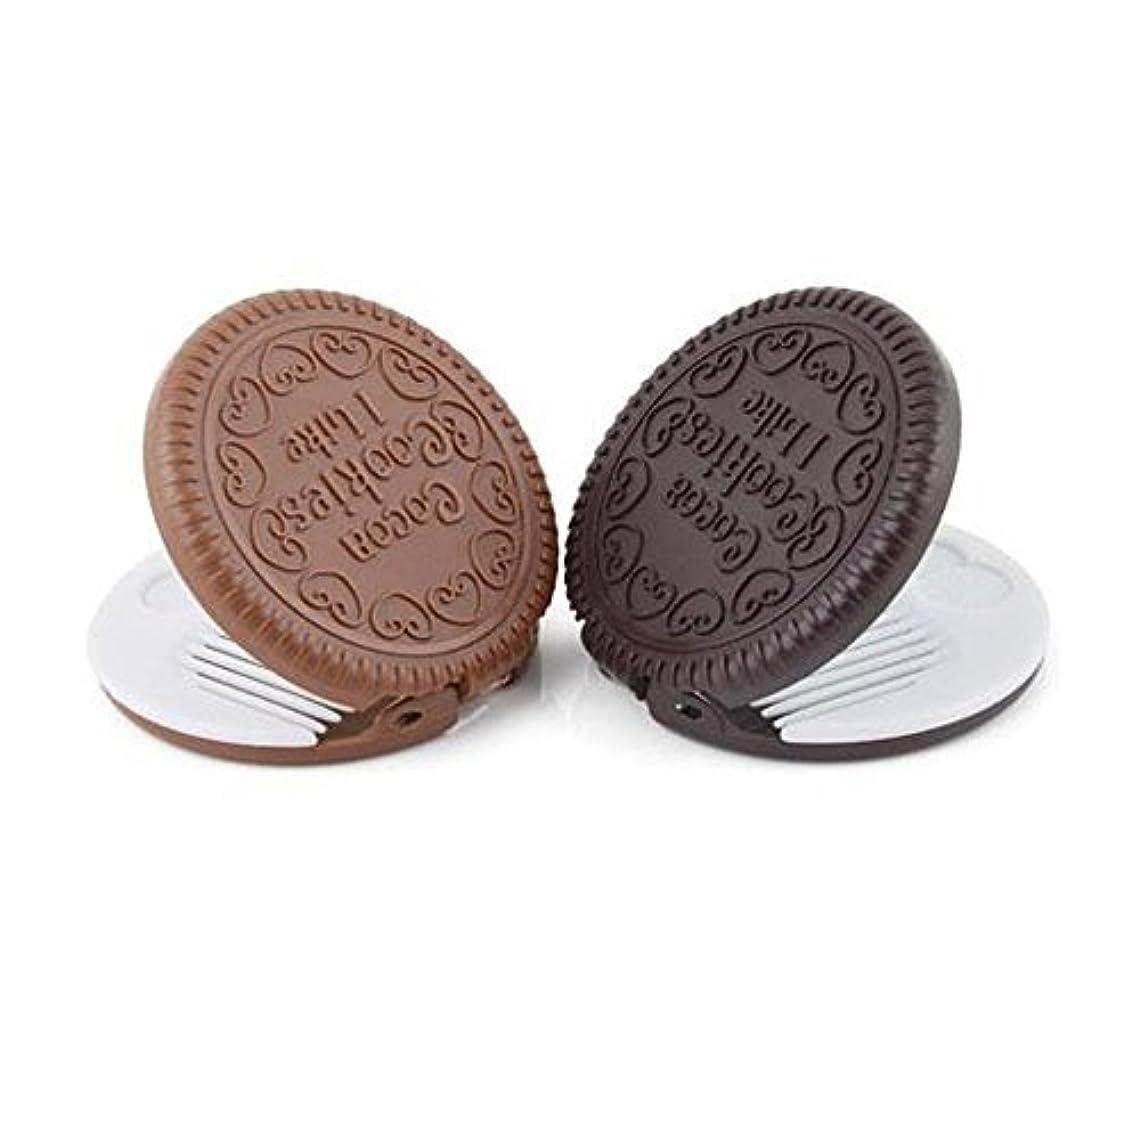 リーズ環境保護主義者先生yueton Pack of 2 Mini Pocket Chocolate Cookie Compact Mirror with Comb [並行輸入品]